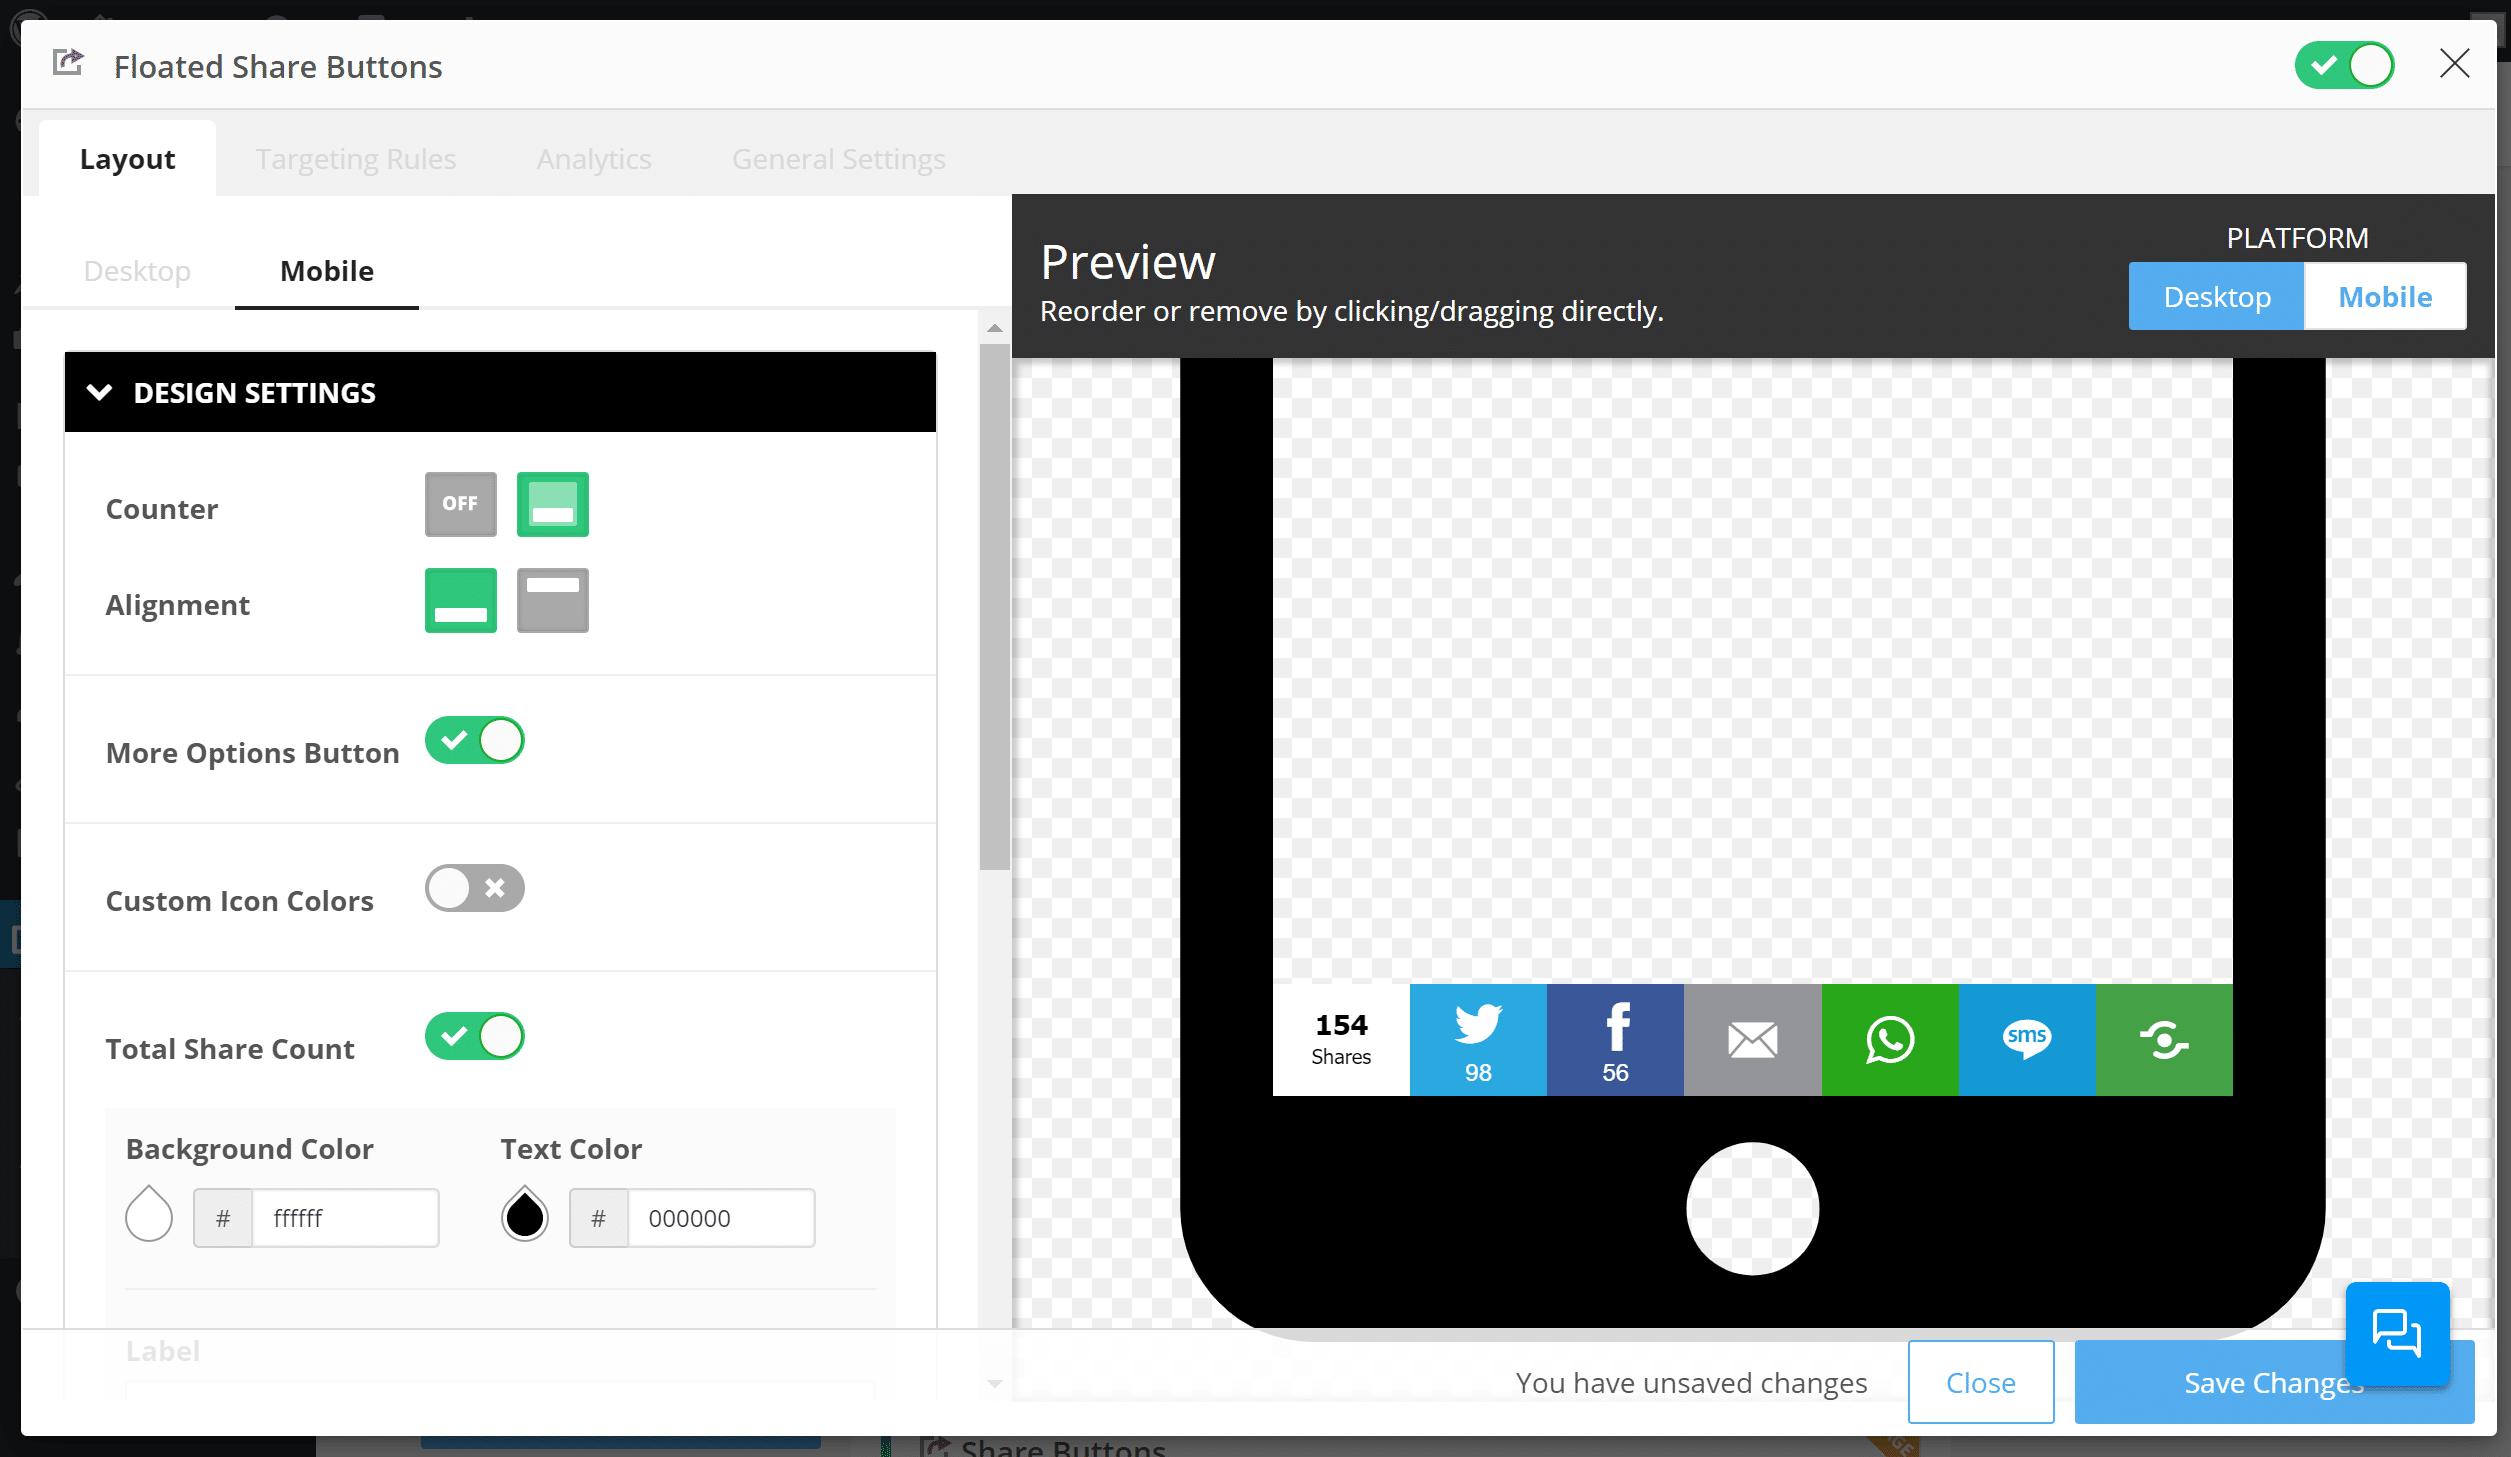 Comment changer le design du mobile